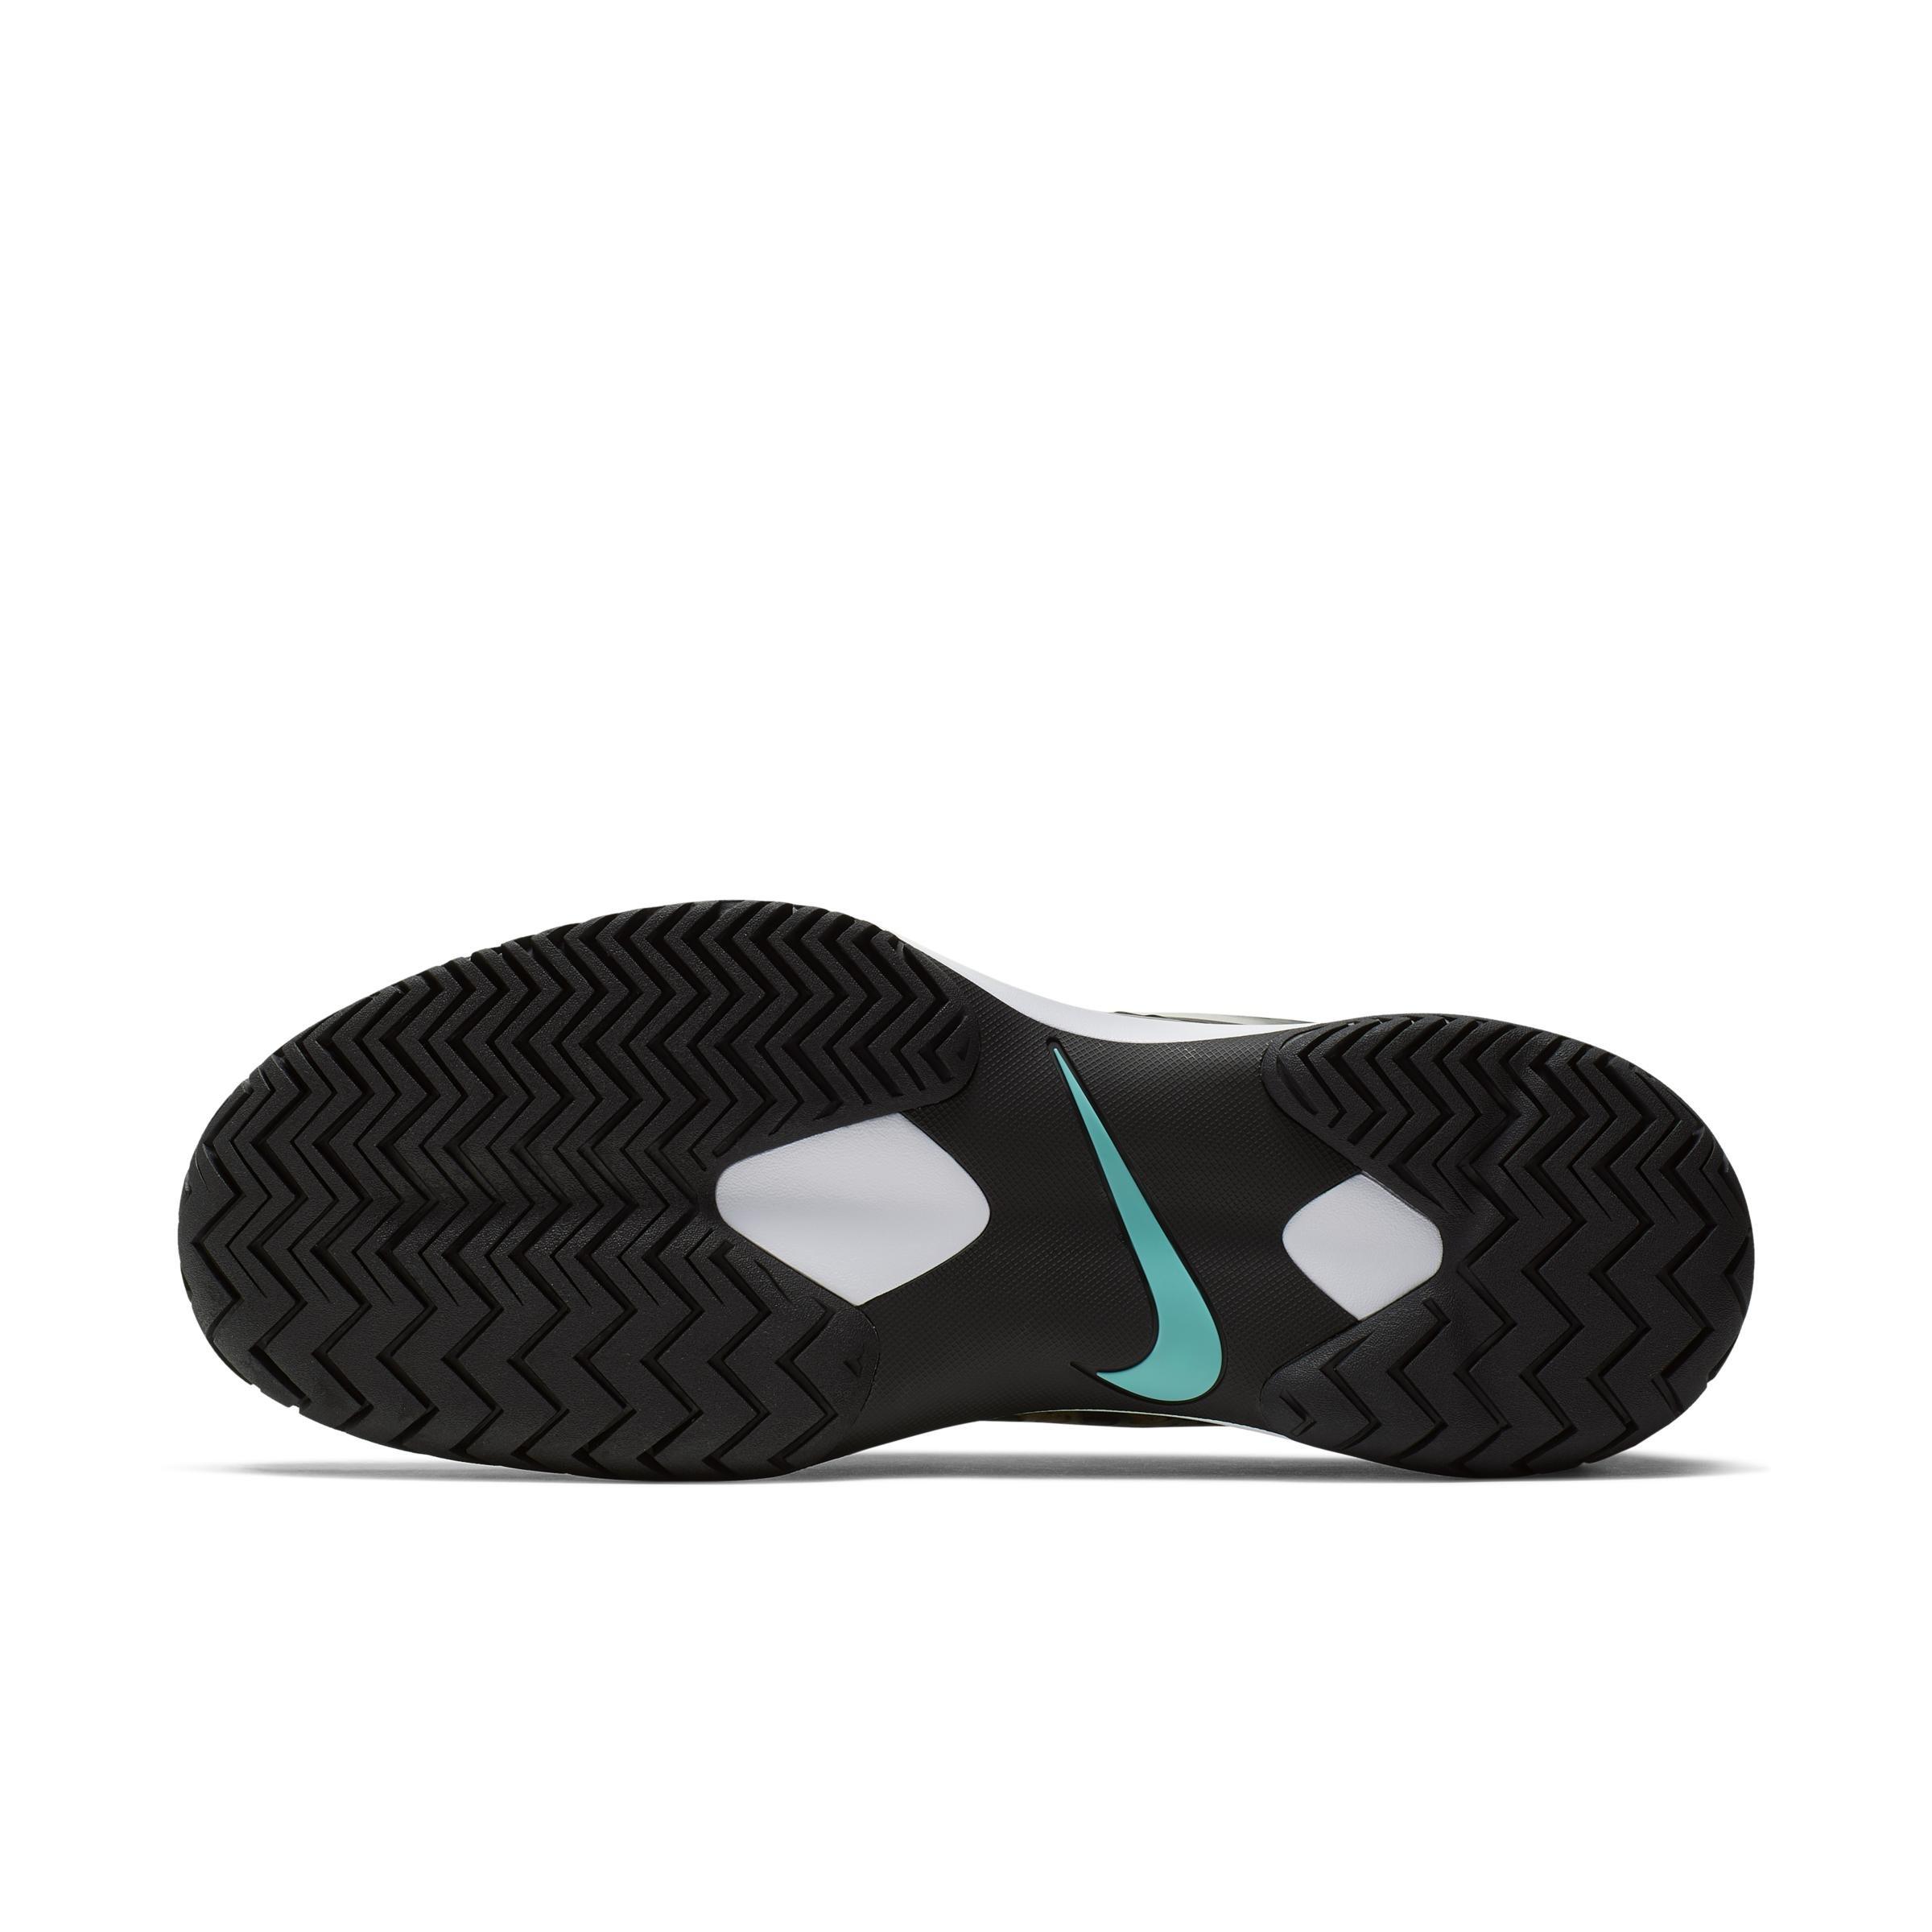 Court Zoom Cage 3 Zapatillas de tenis de pista rápida Nike de hombre de color Marrón